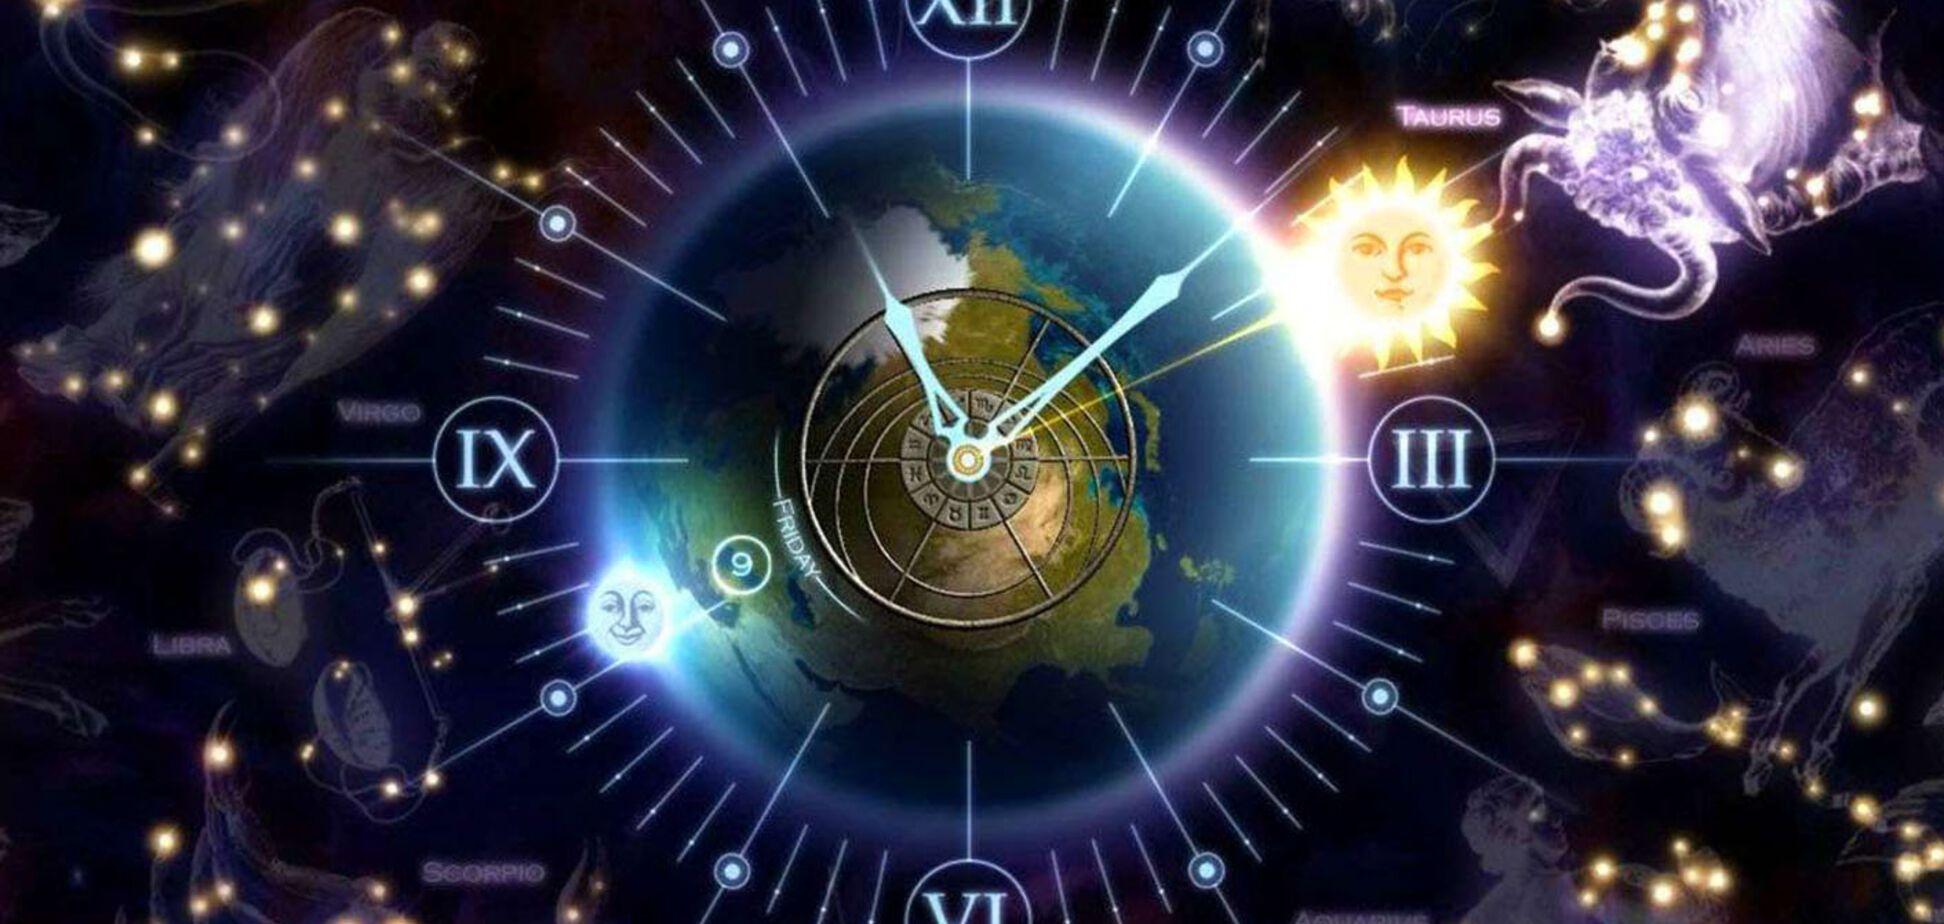 Астропрогноз на август: встреча старой любви, исправление ошибок и подготовка к деловому возрождению